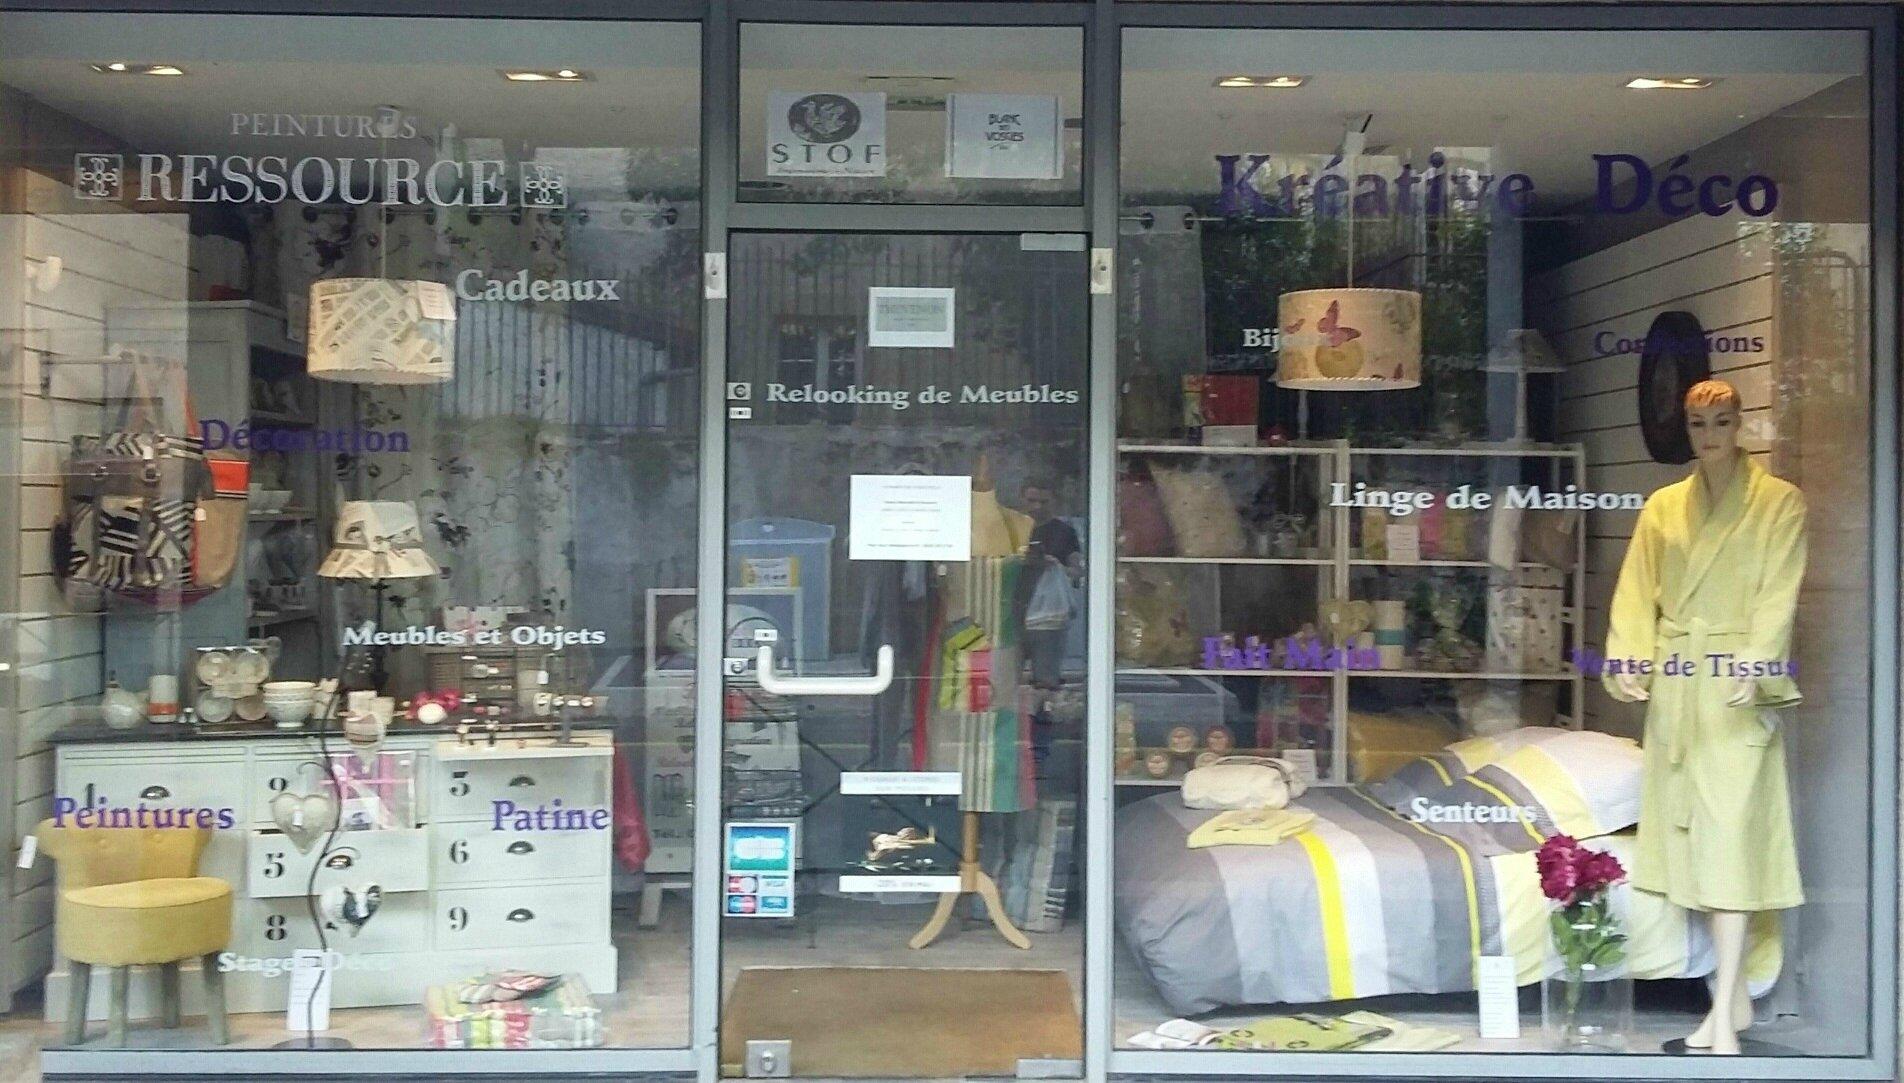 La boutique album photos kr ative d co for La boutique deco